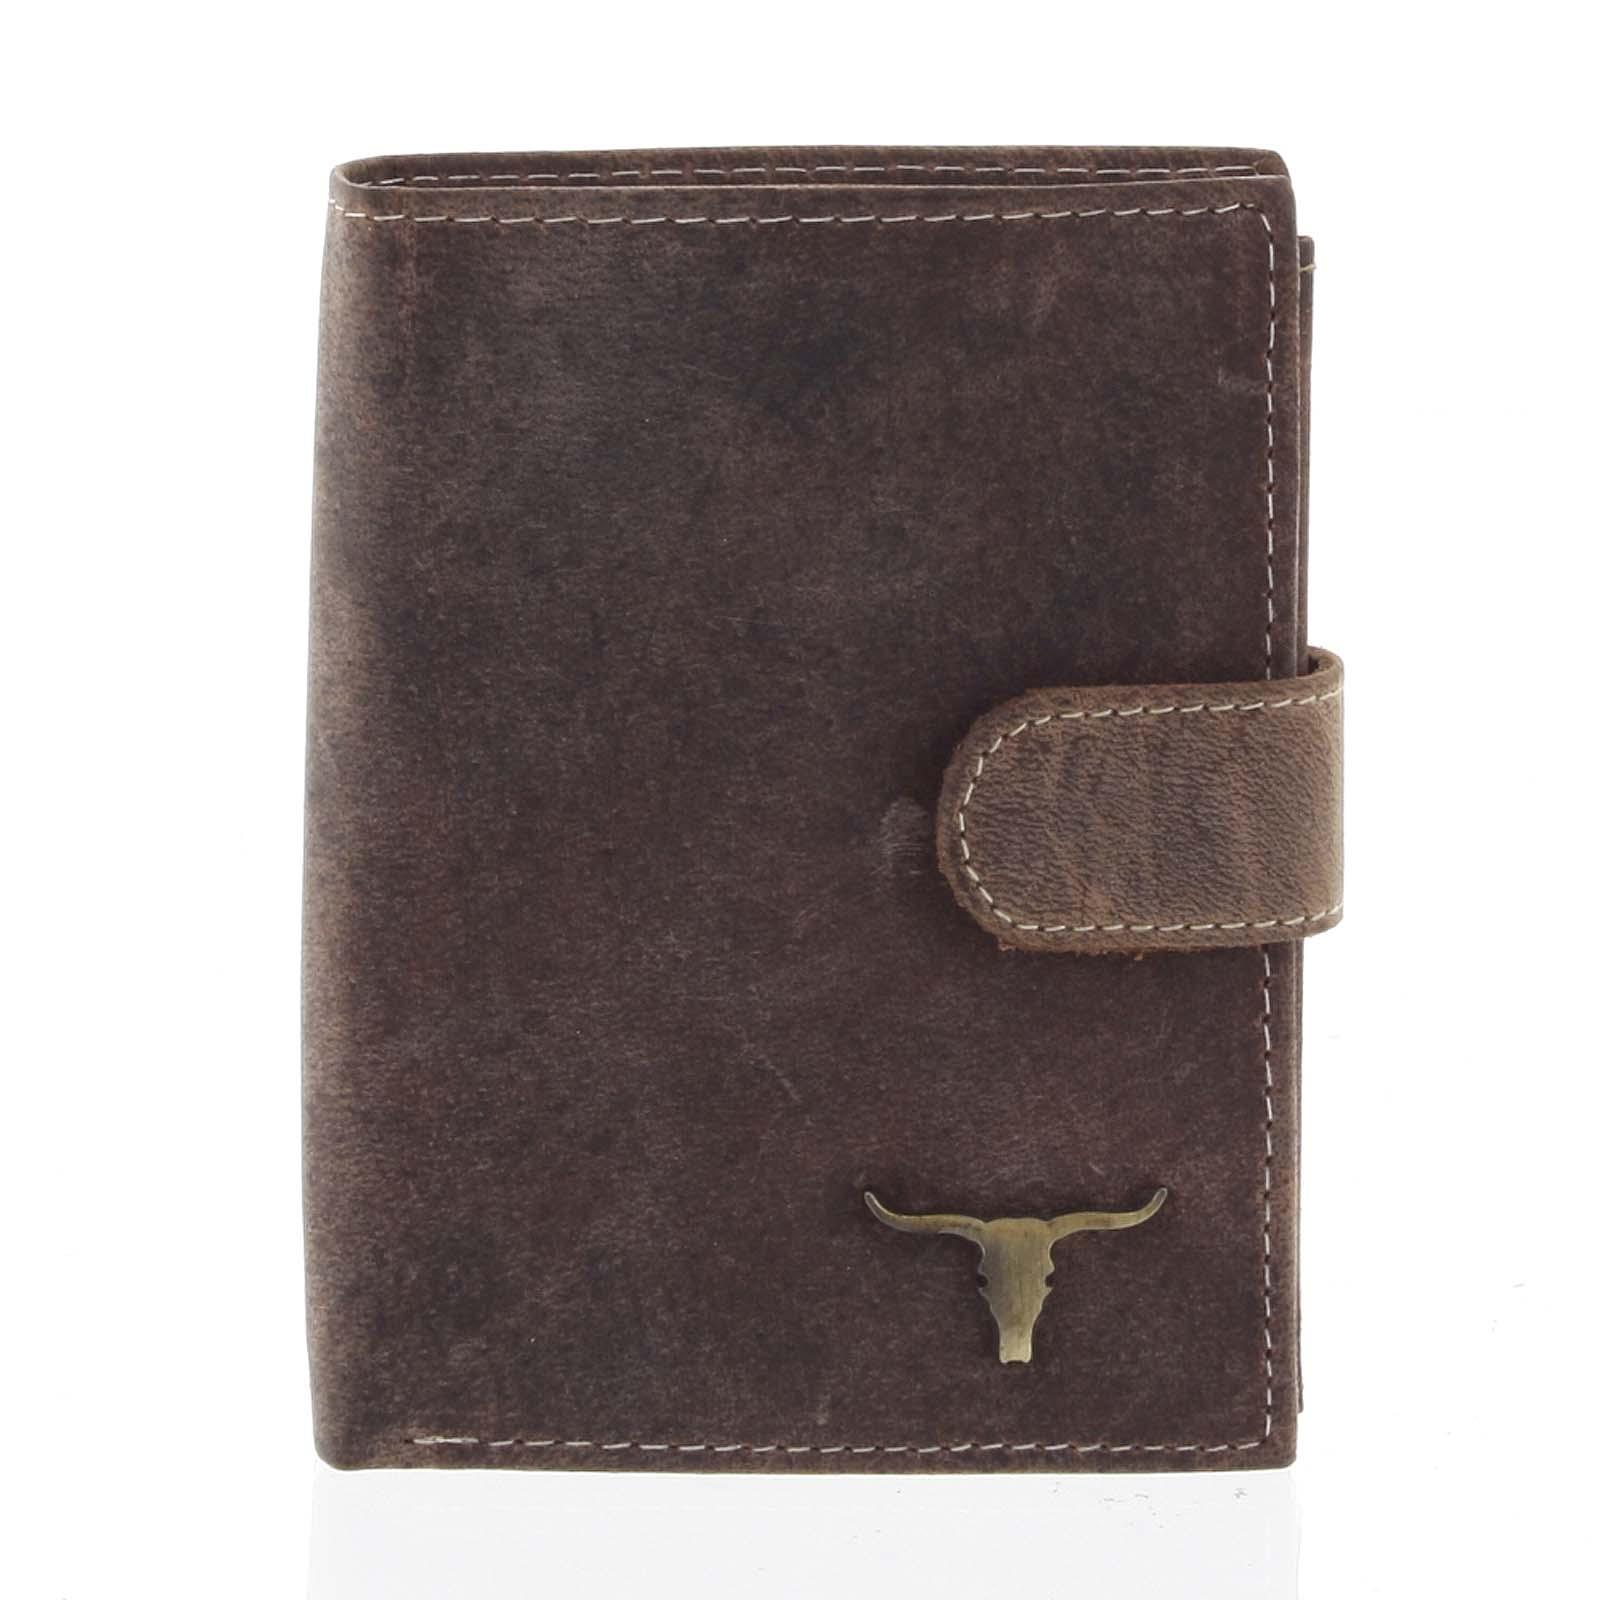 Pánská kožená peněženka se zápinkou camel - BUFFALO Aretas